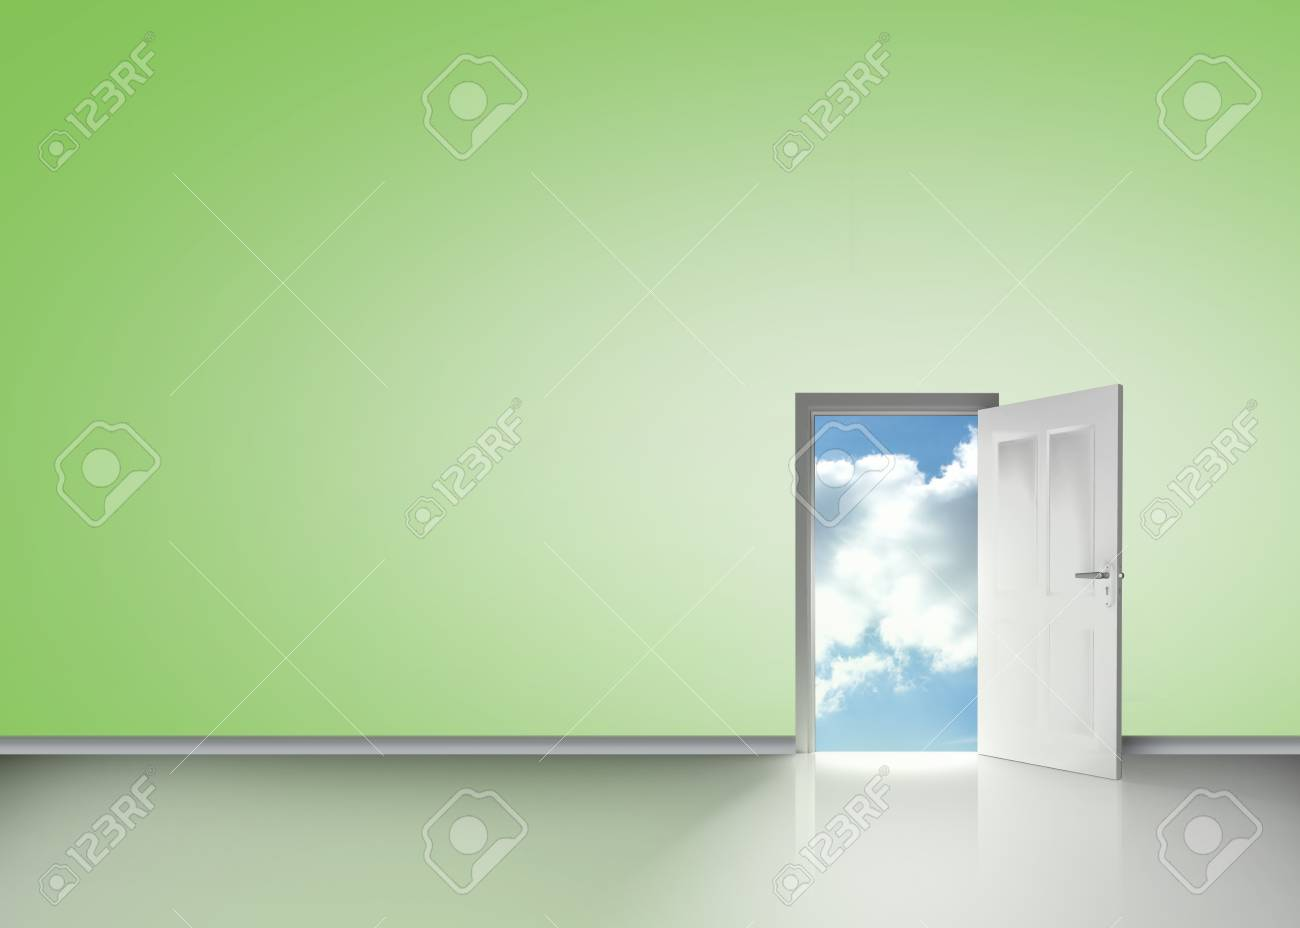 Ouverture Des Portes à Révéler Bleu Ciel Nuageux En Chambre Verte ...